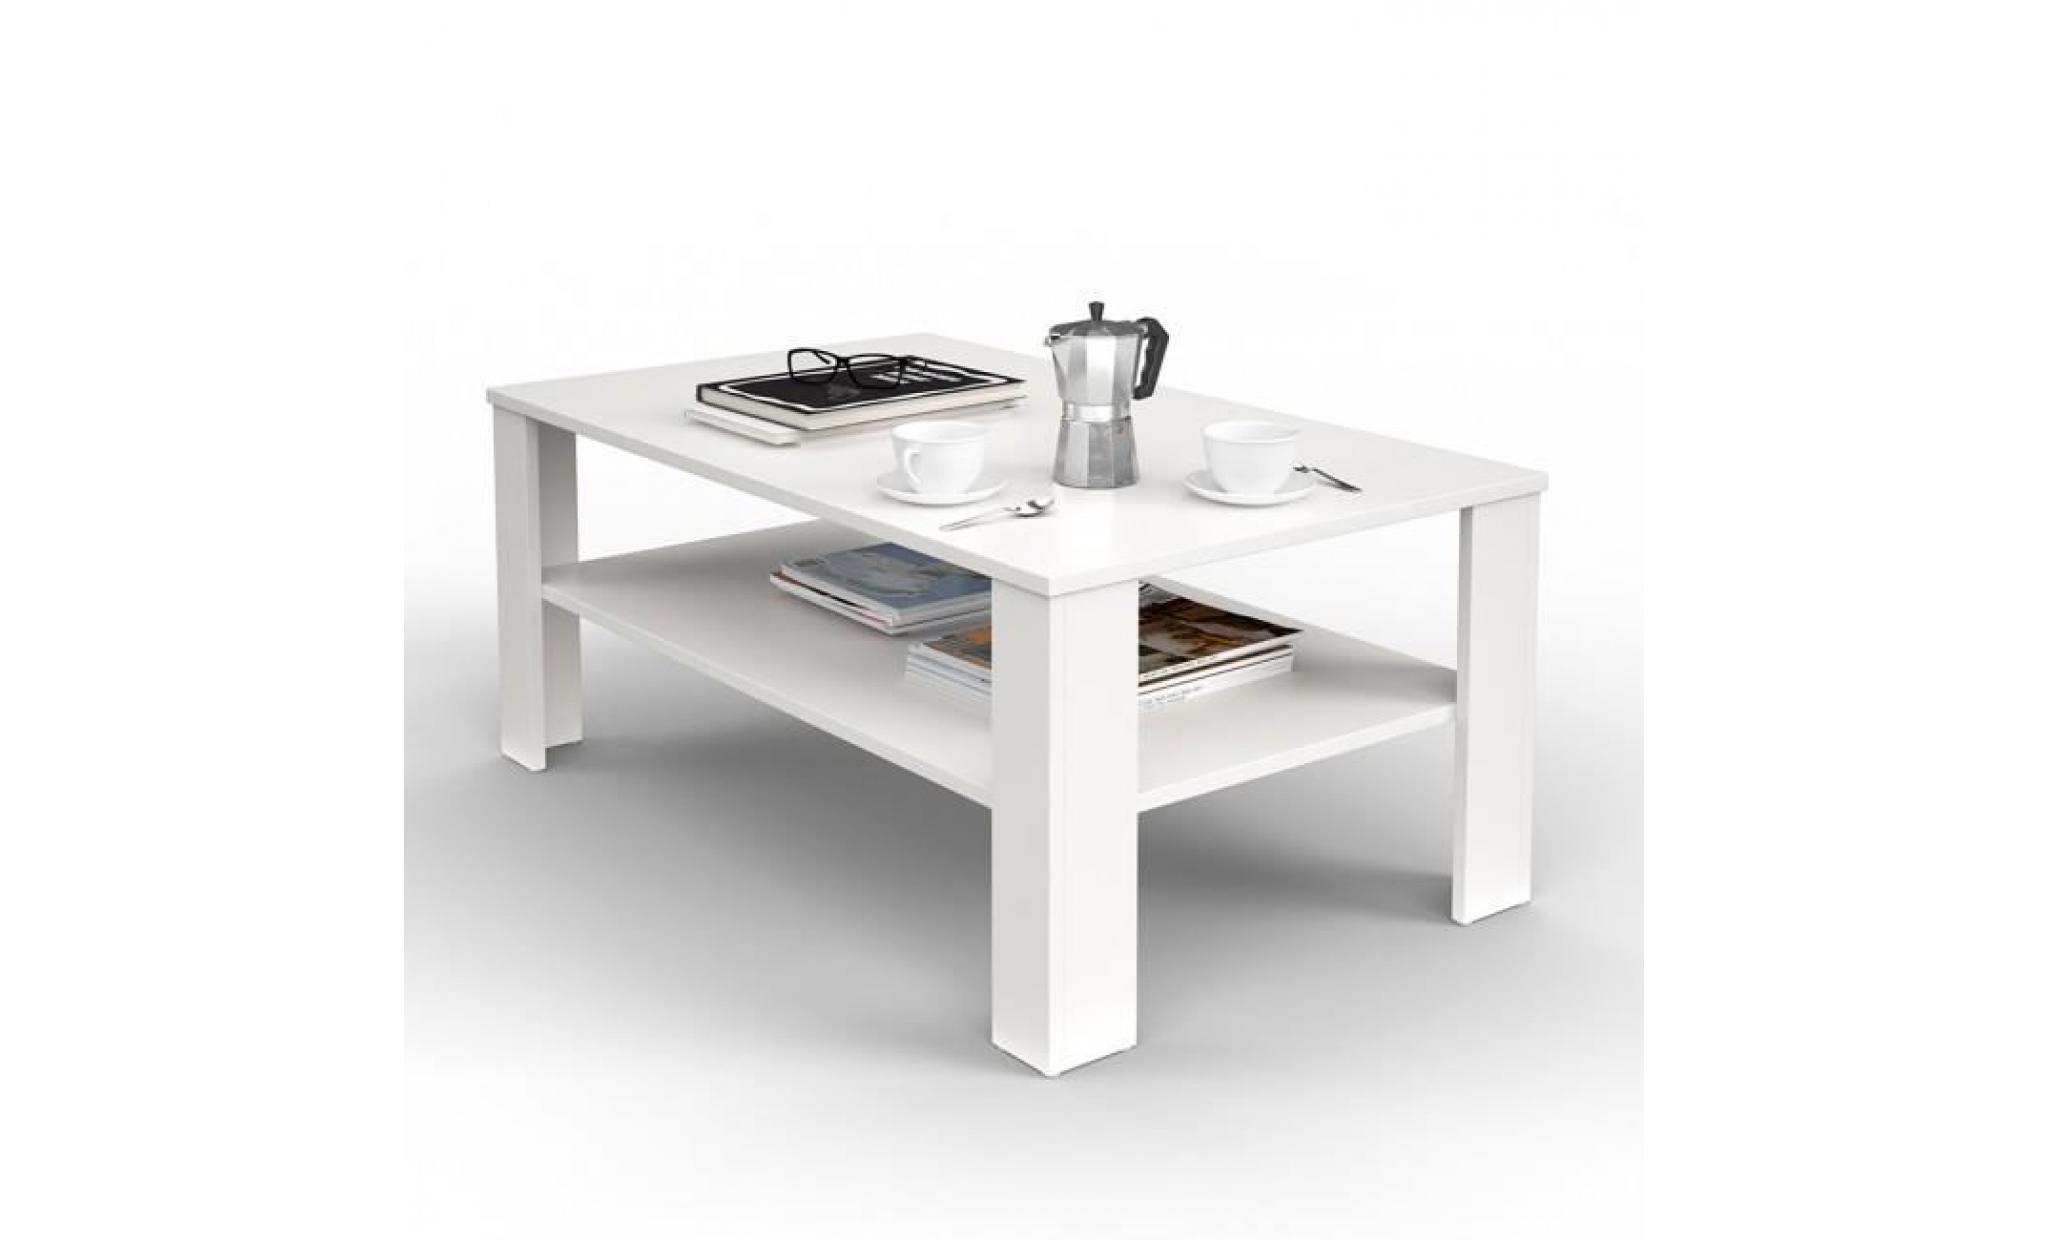 table basse blanche mat achat vente table basse pas cher couleur et design fr